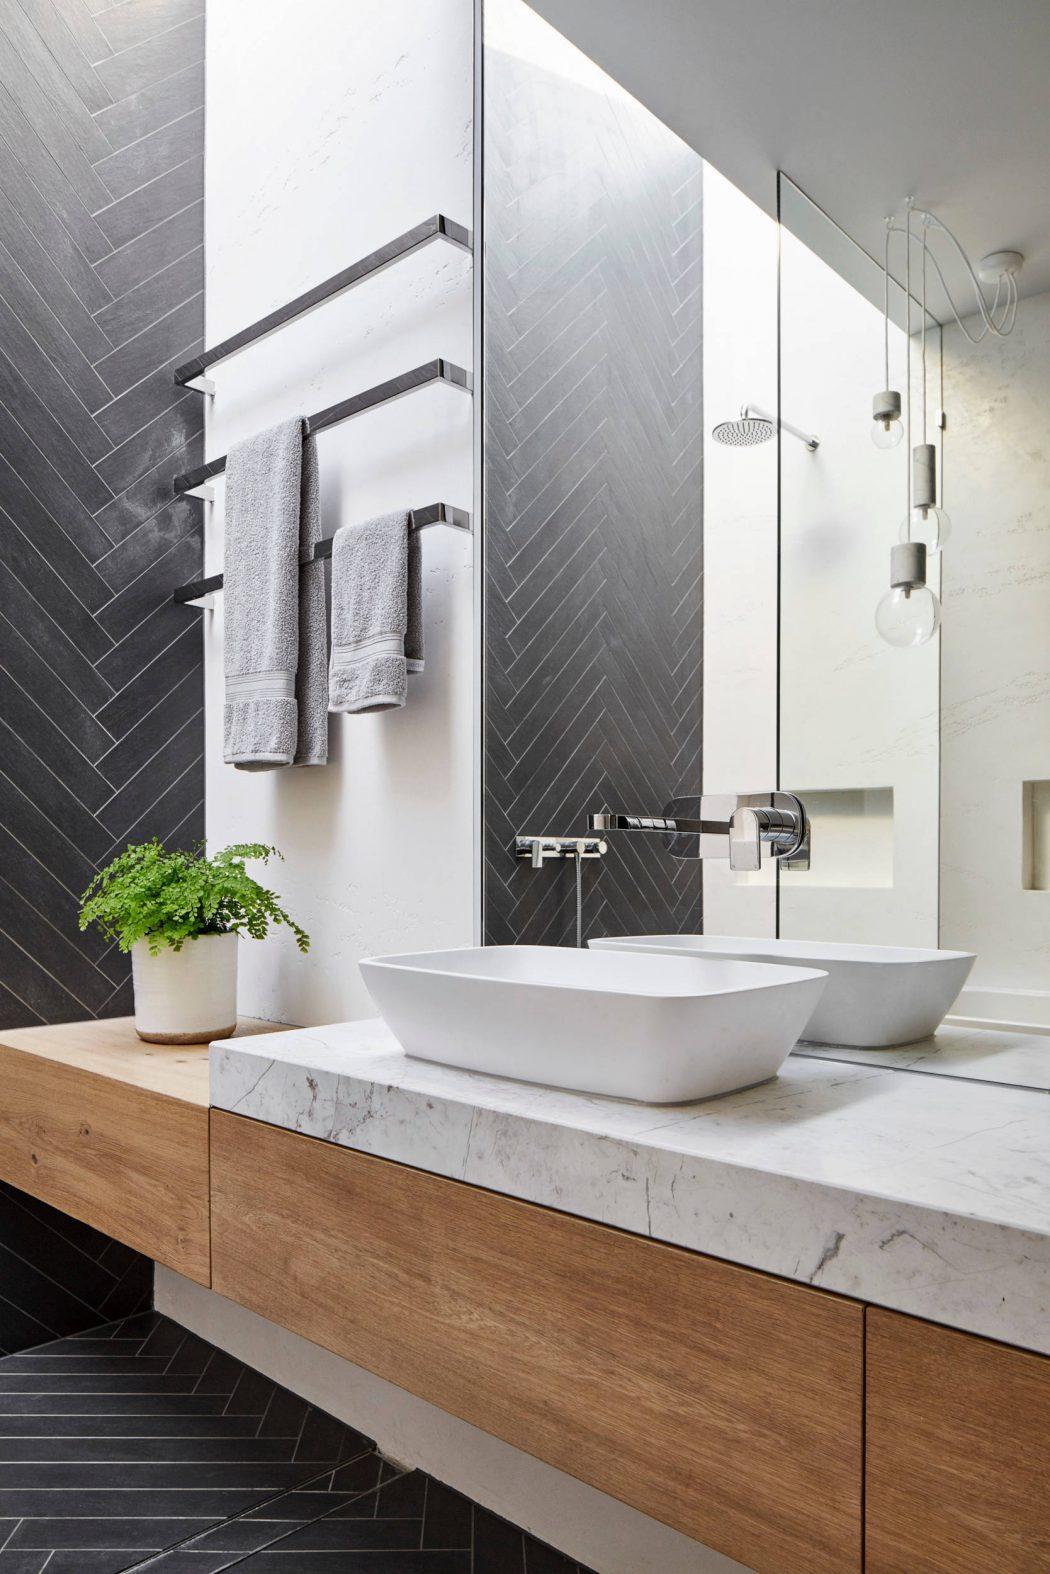 Moderne badkamer met grijze visgraat tegels - Badkamers voorbeelden